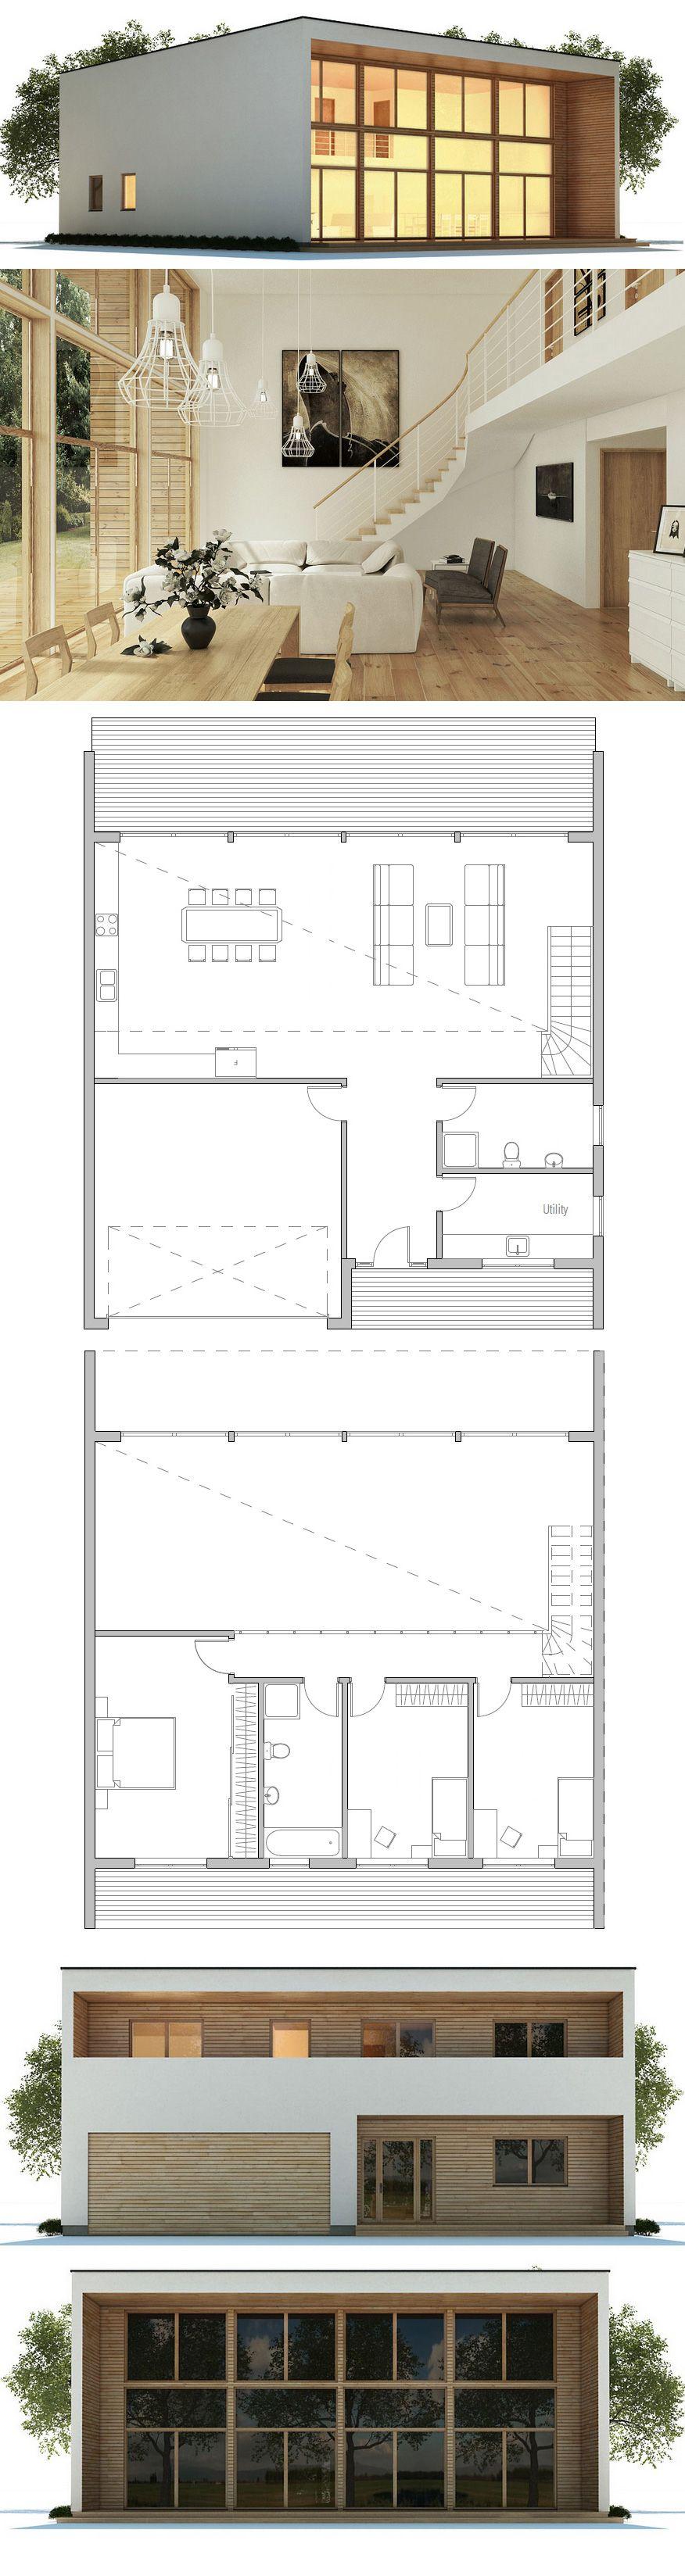 Kleines haus hausplan moderne architektur pinteres for Modernes haus plan